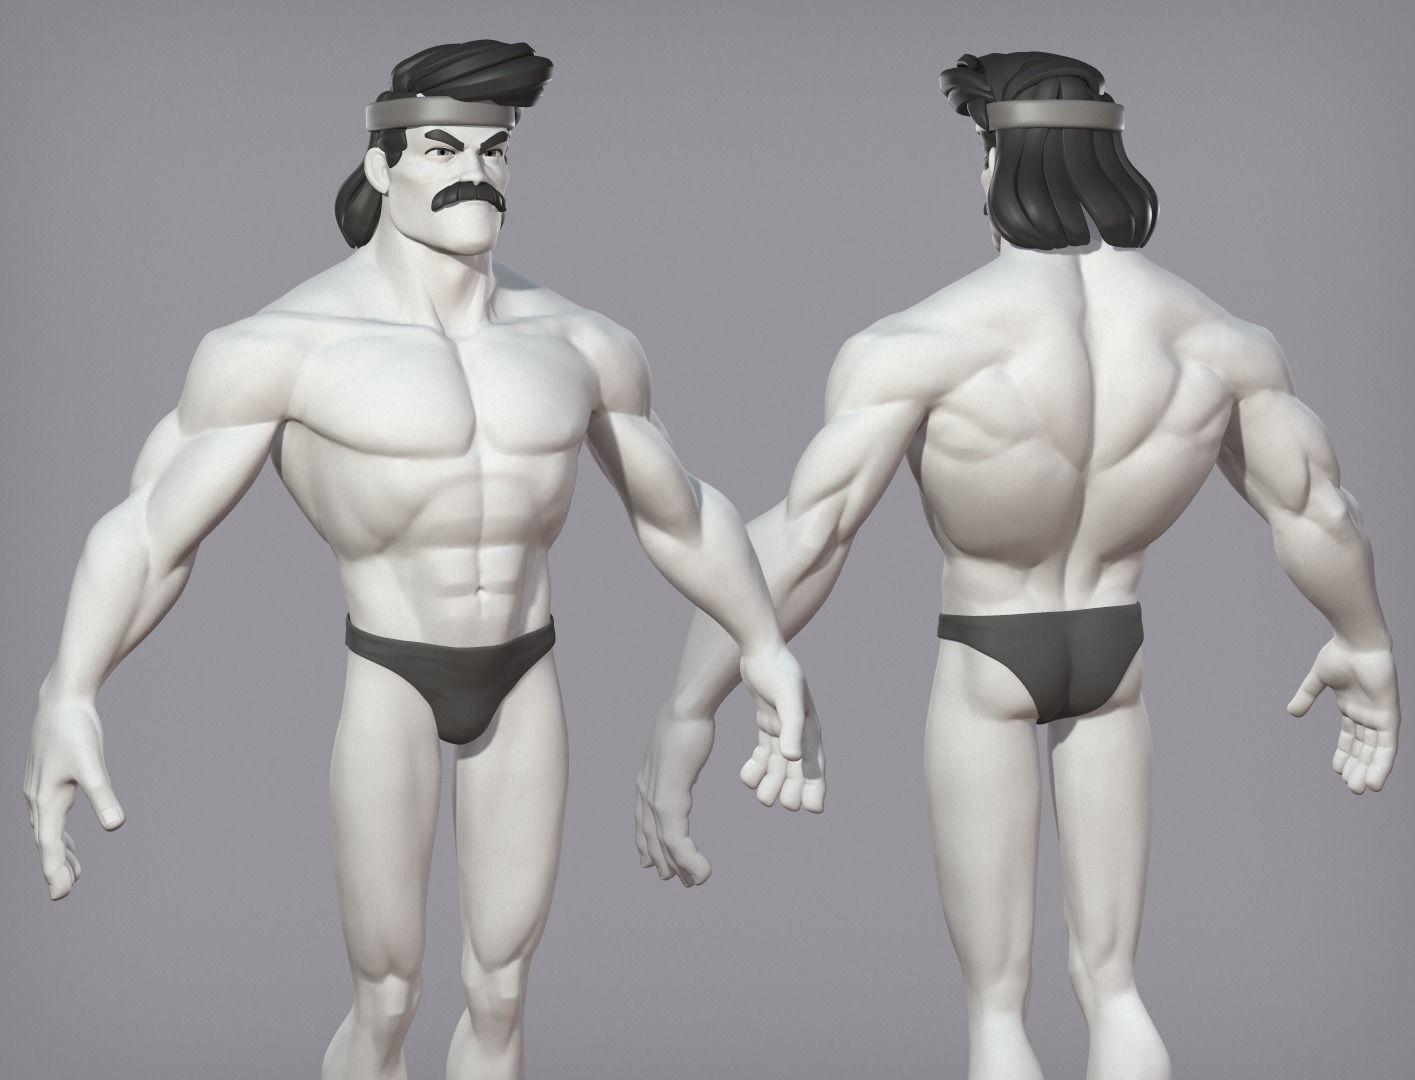 Cartoon male character Karl base mesh